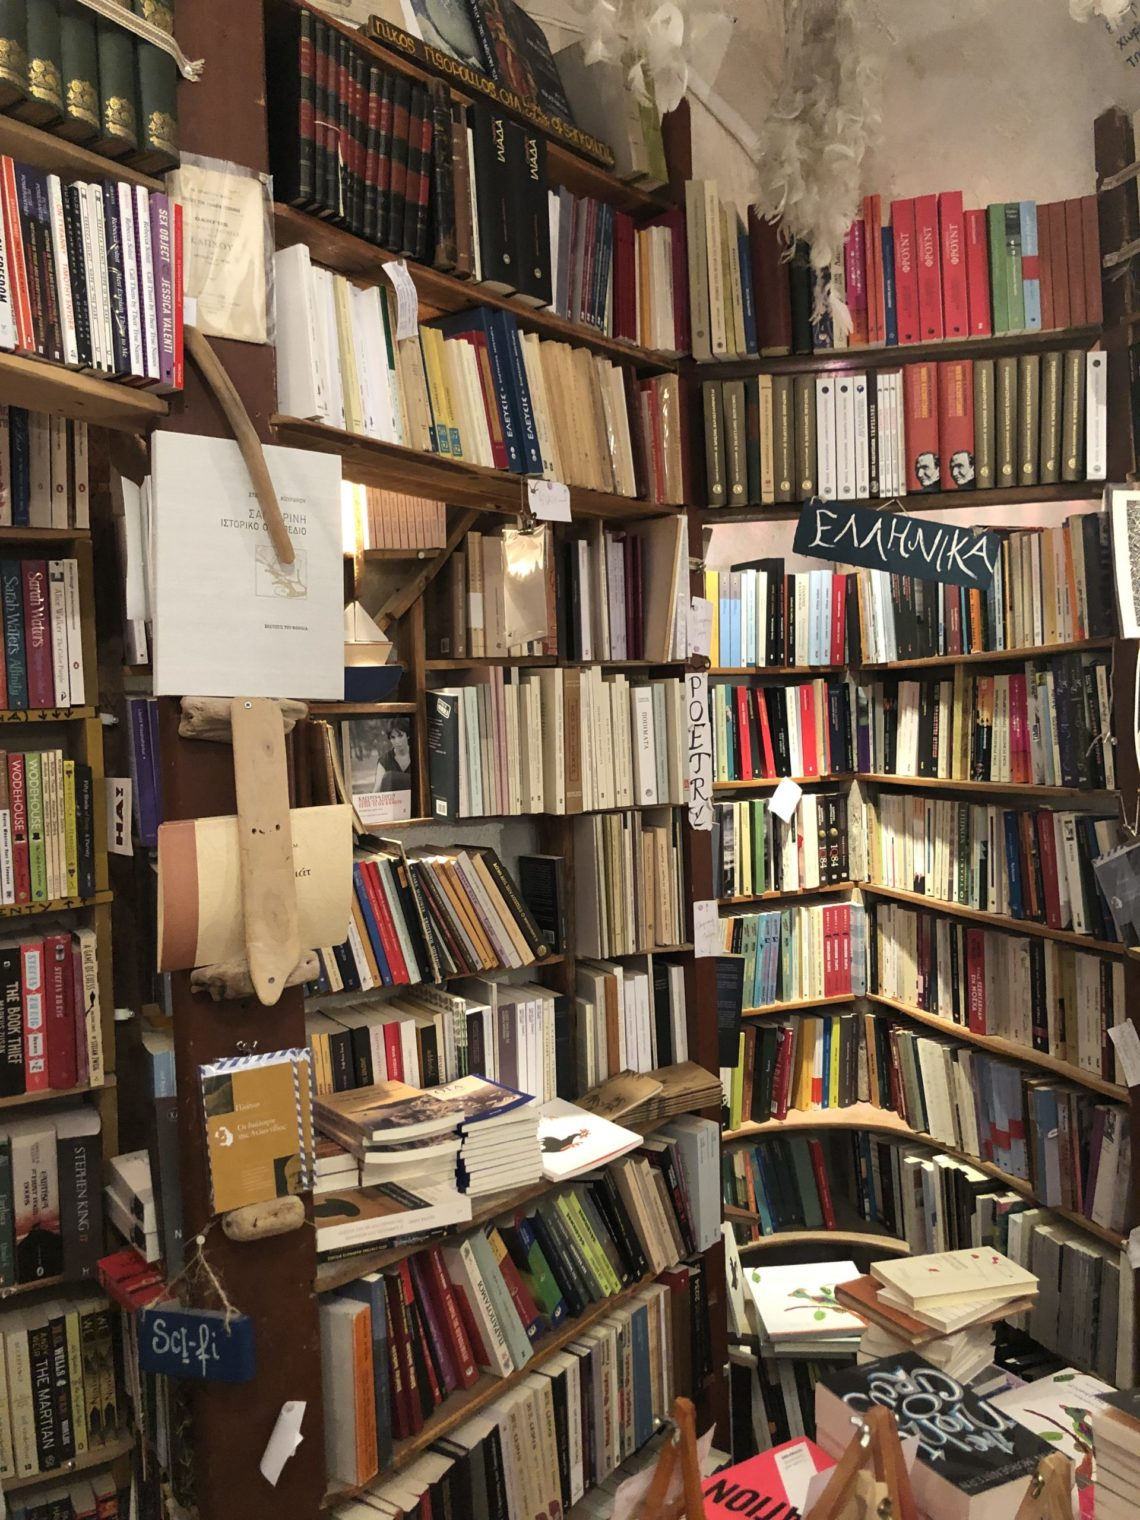 Con la decadenza della cultura, aumentano le librerie chiuse